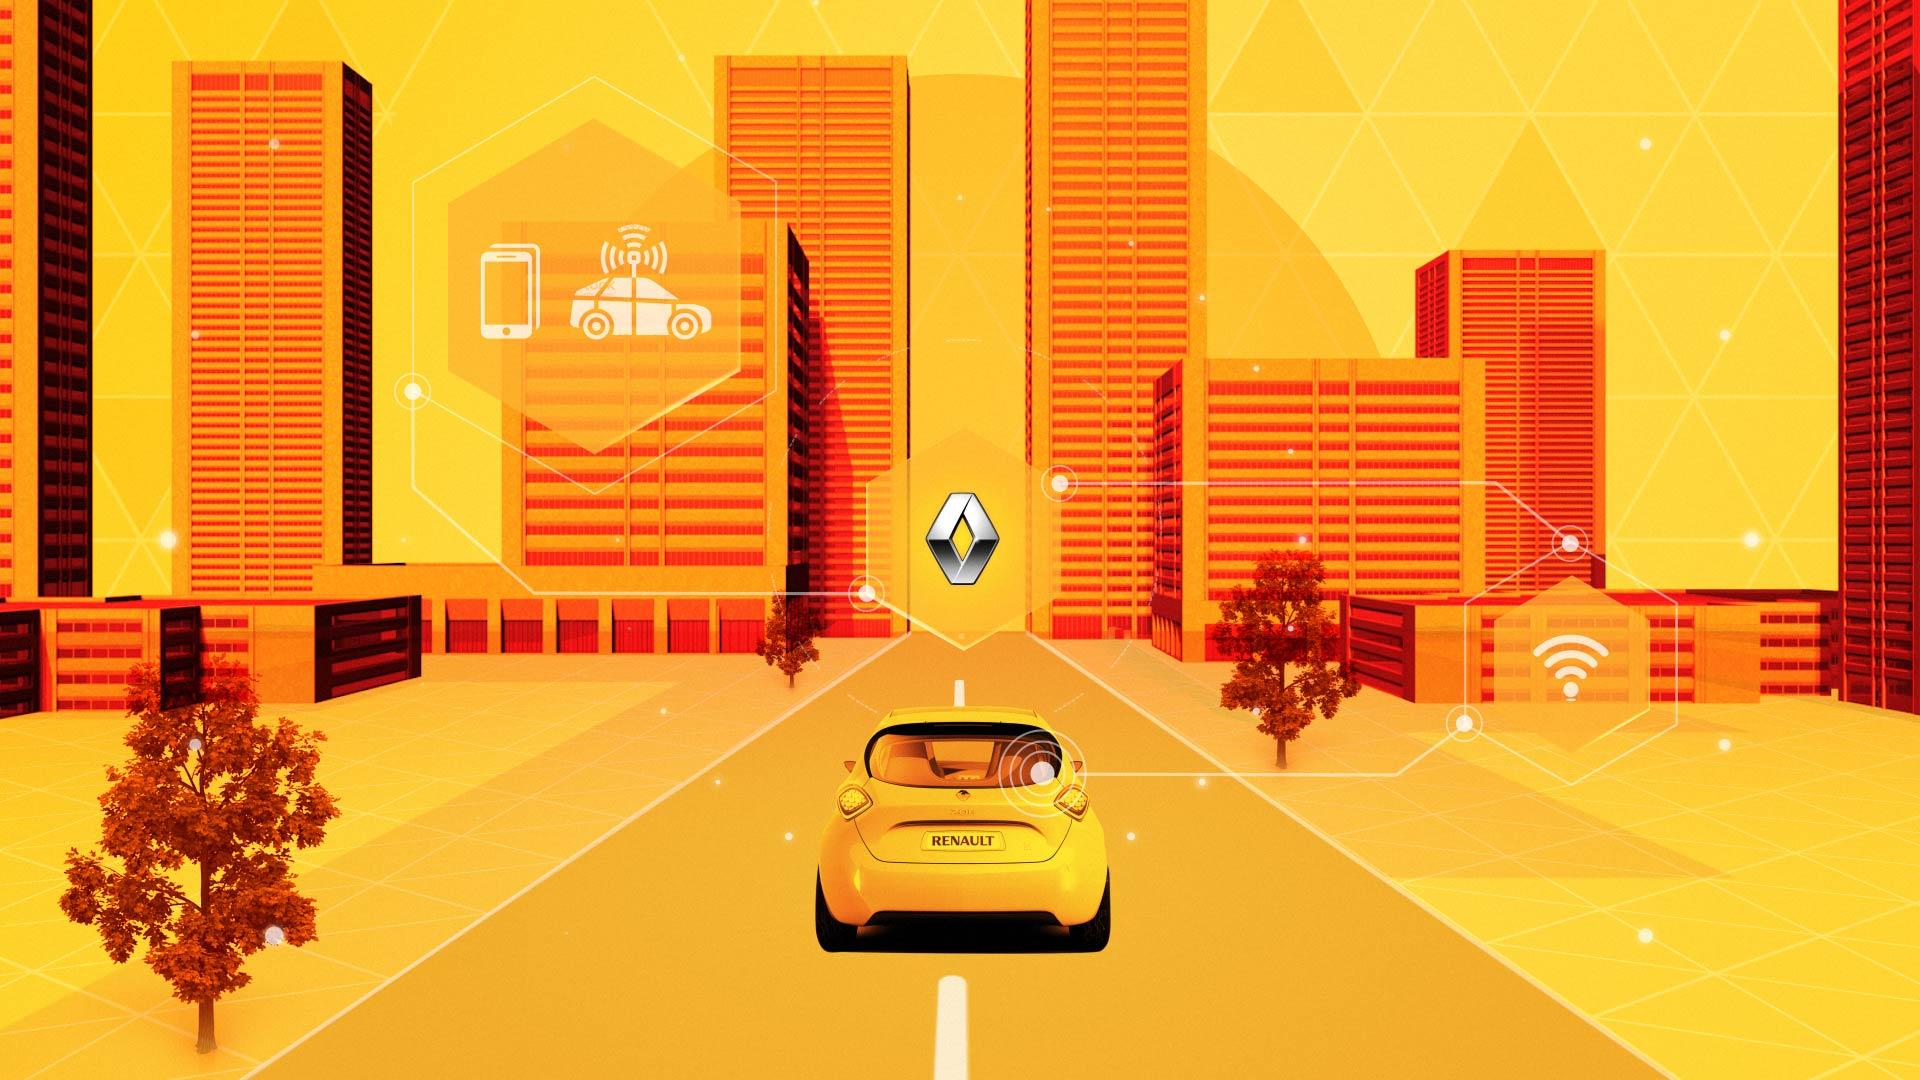 Renault_Seq02A_pm.jpg